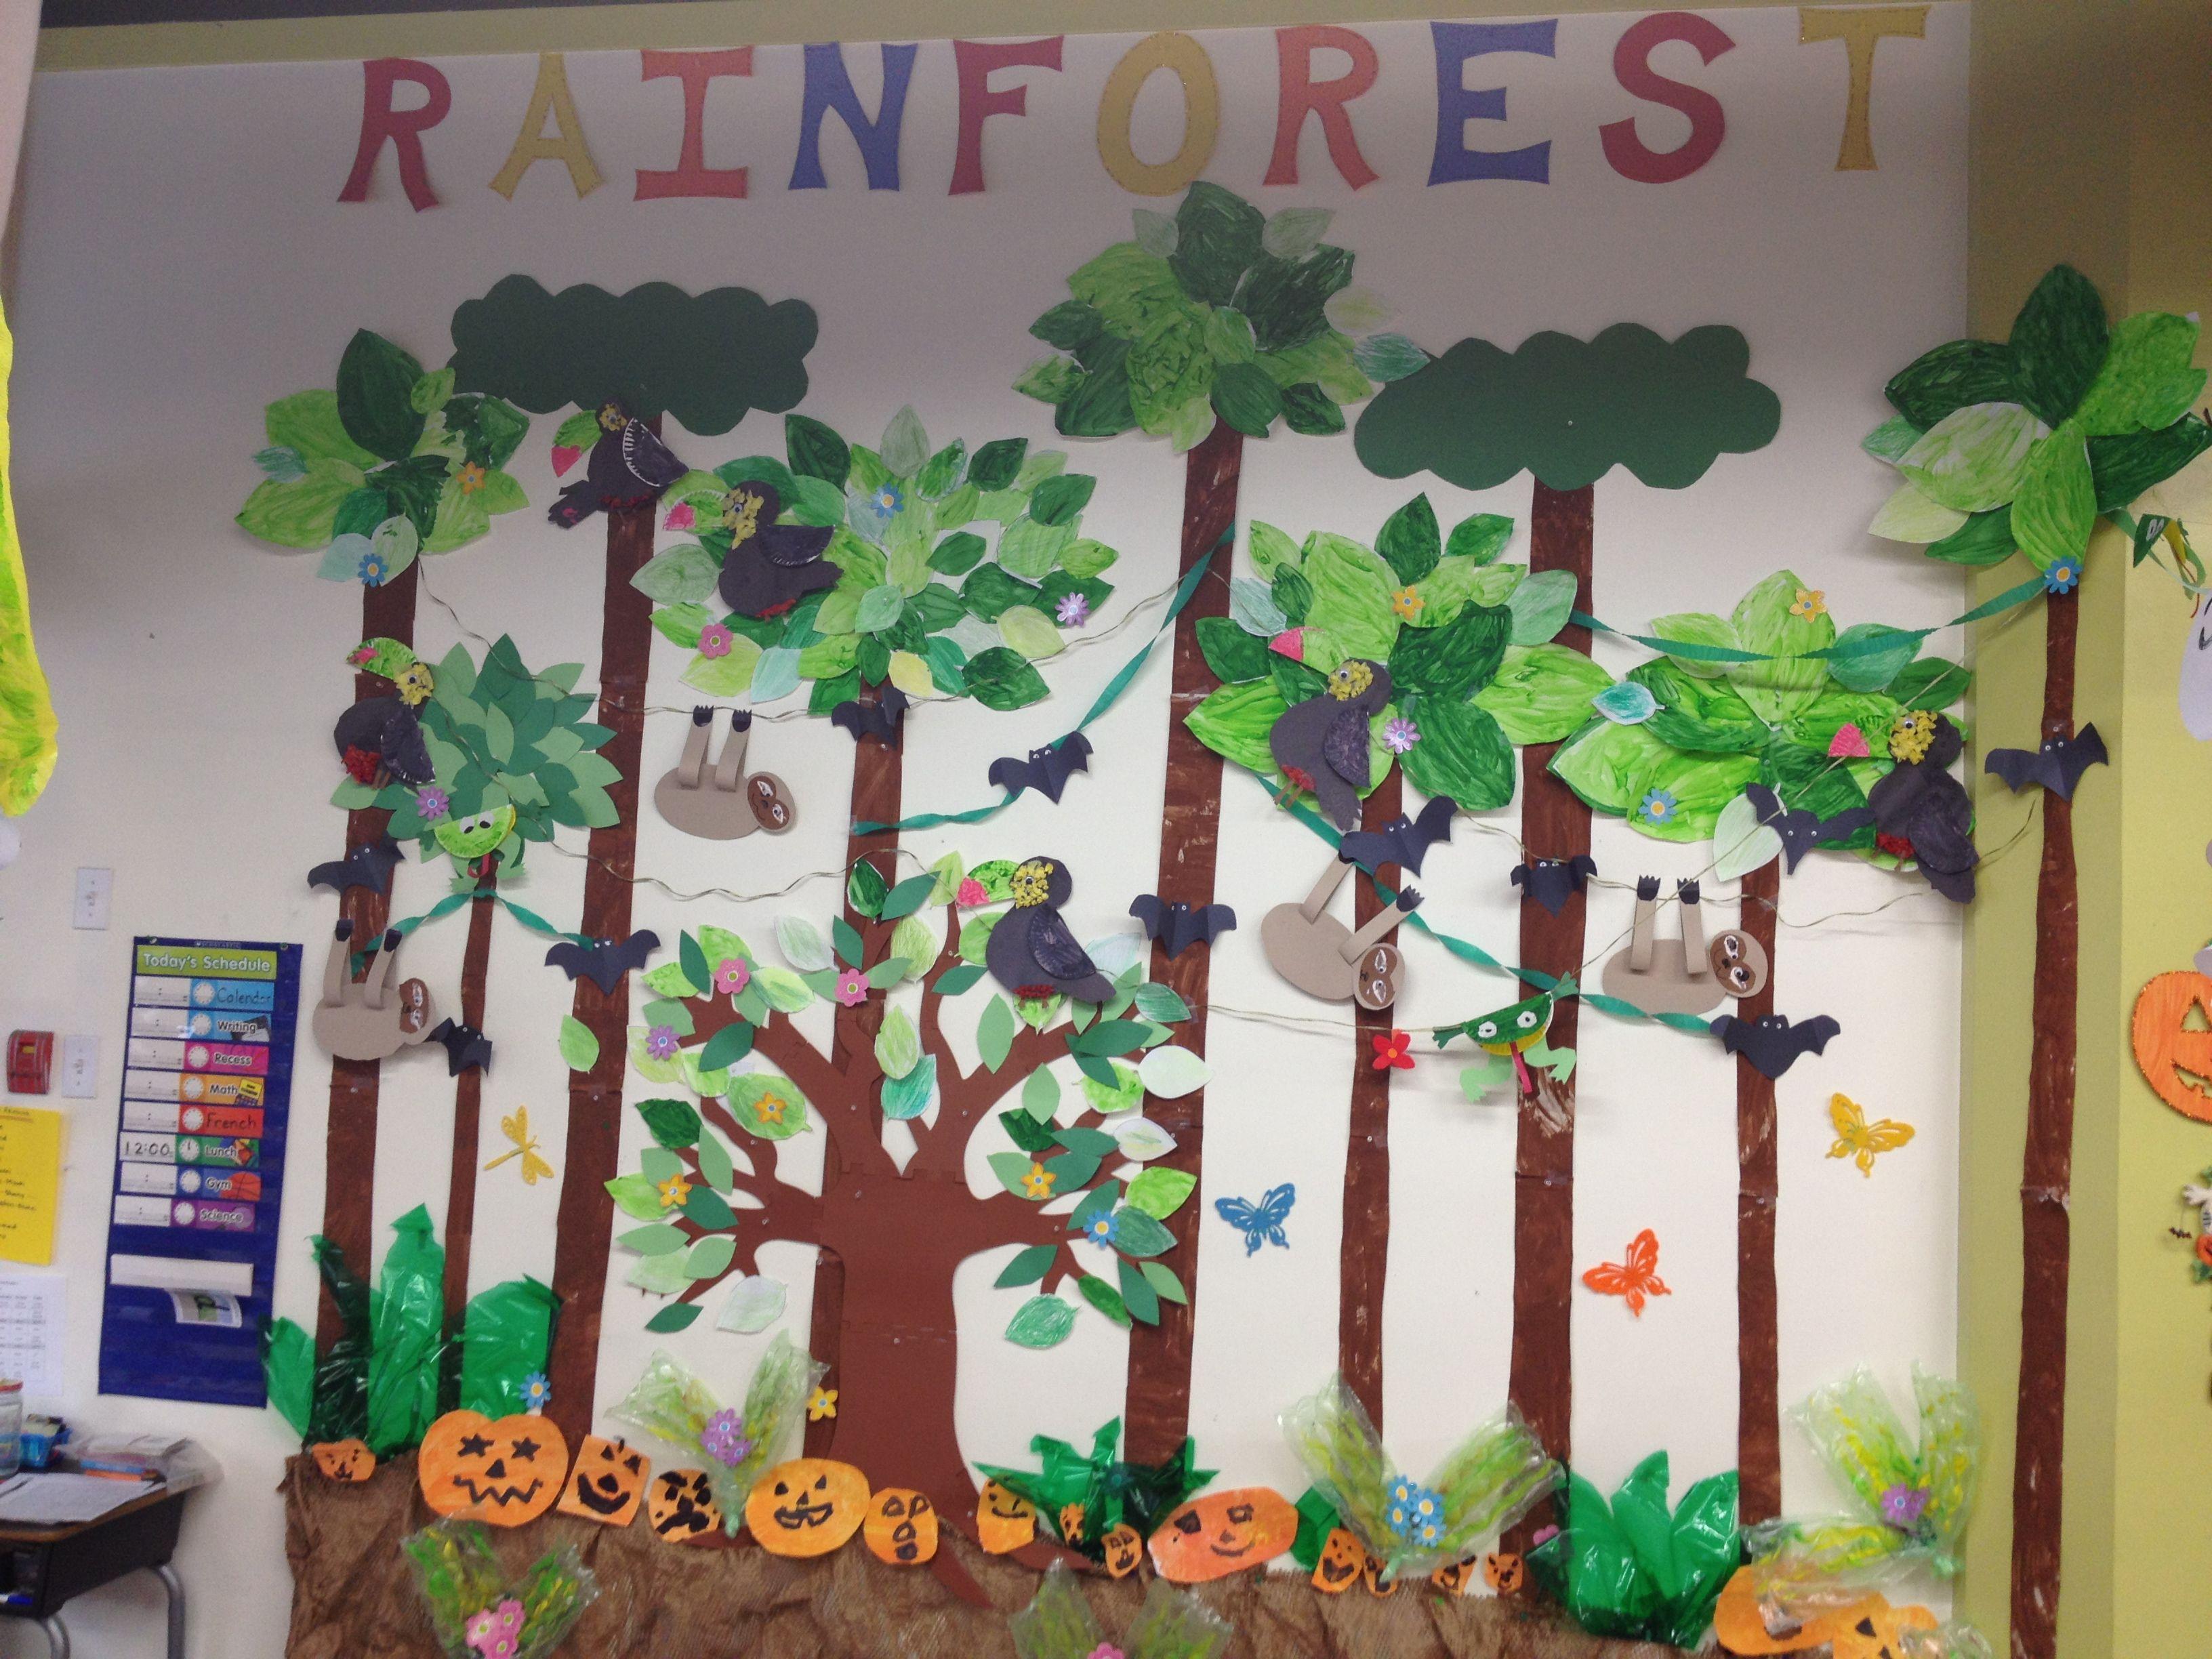 Rainforest Classroom Mural